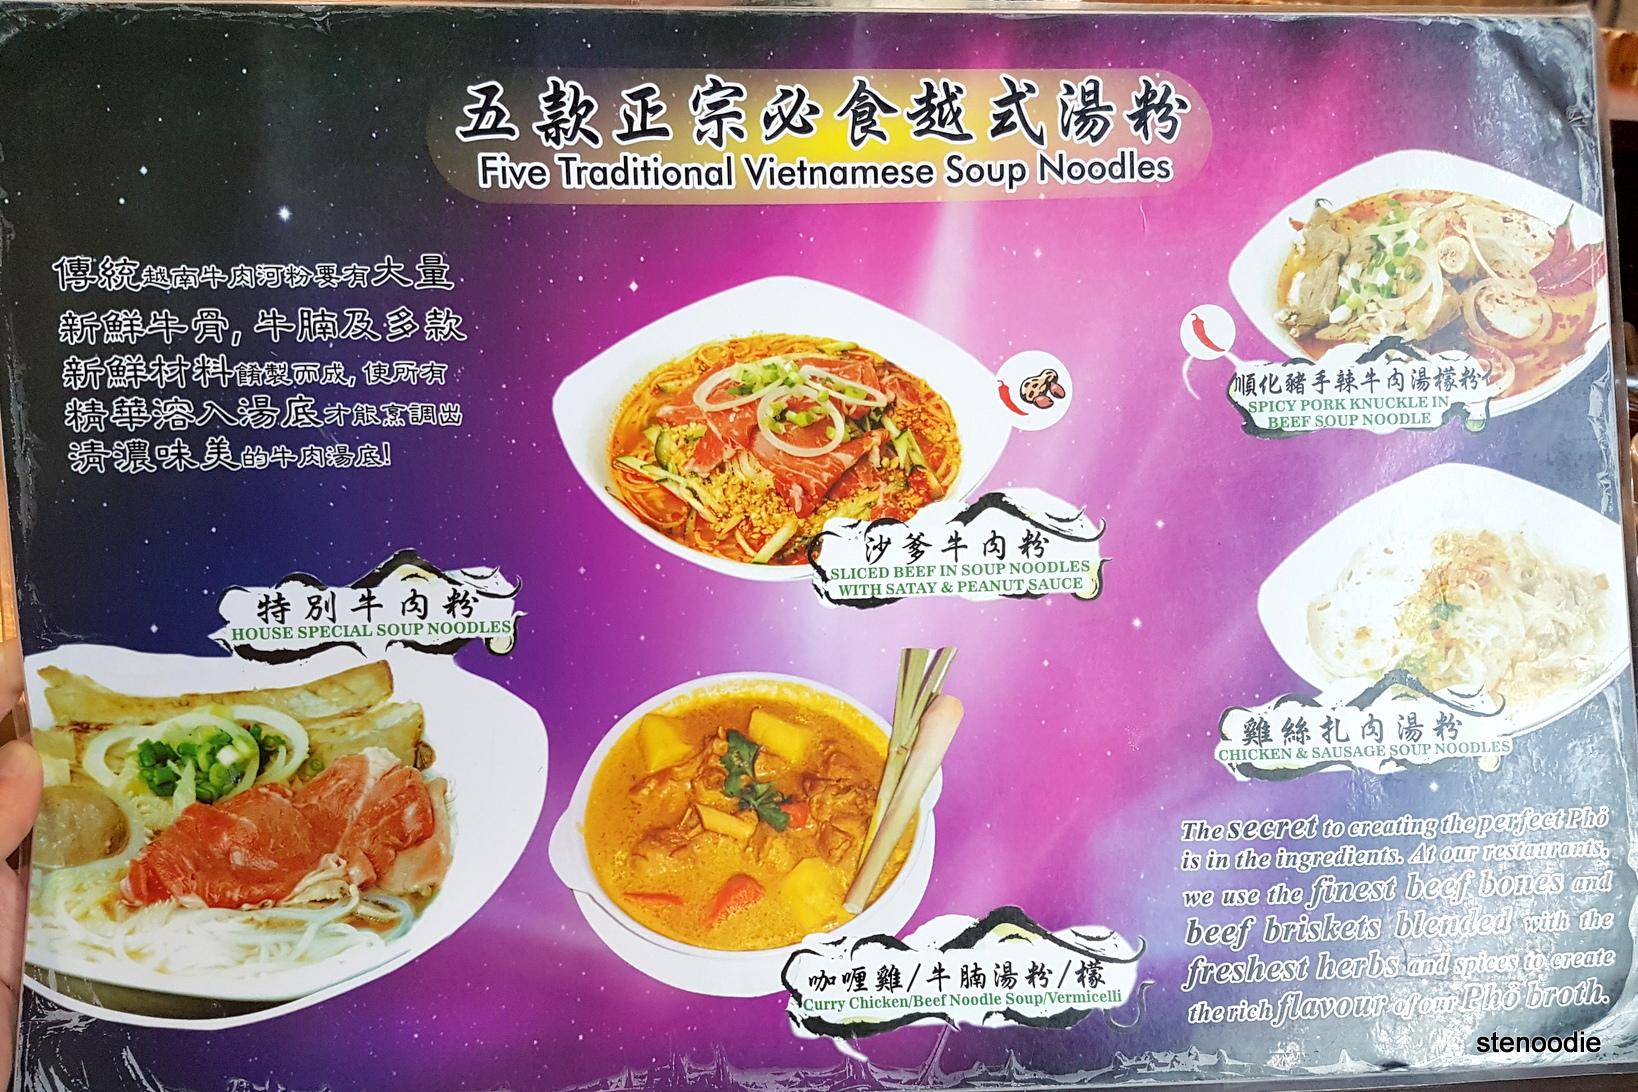 Green Lemon Grass South East Asian Cuisine menu